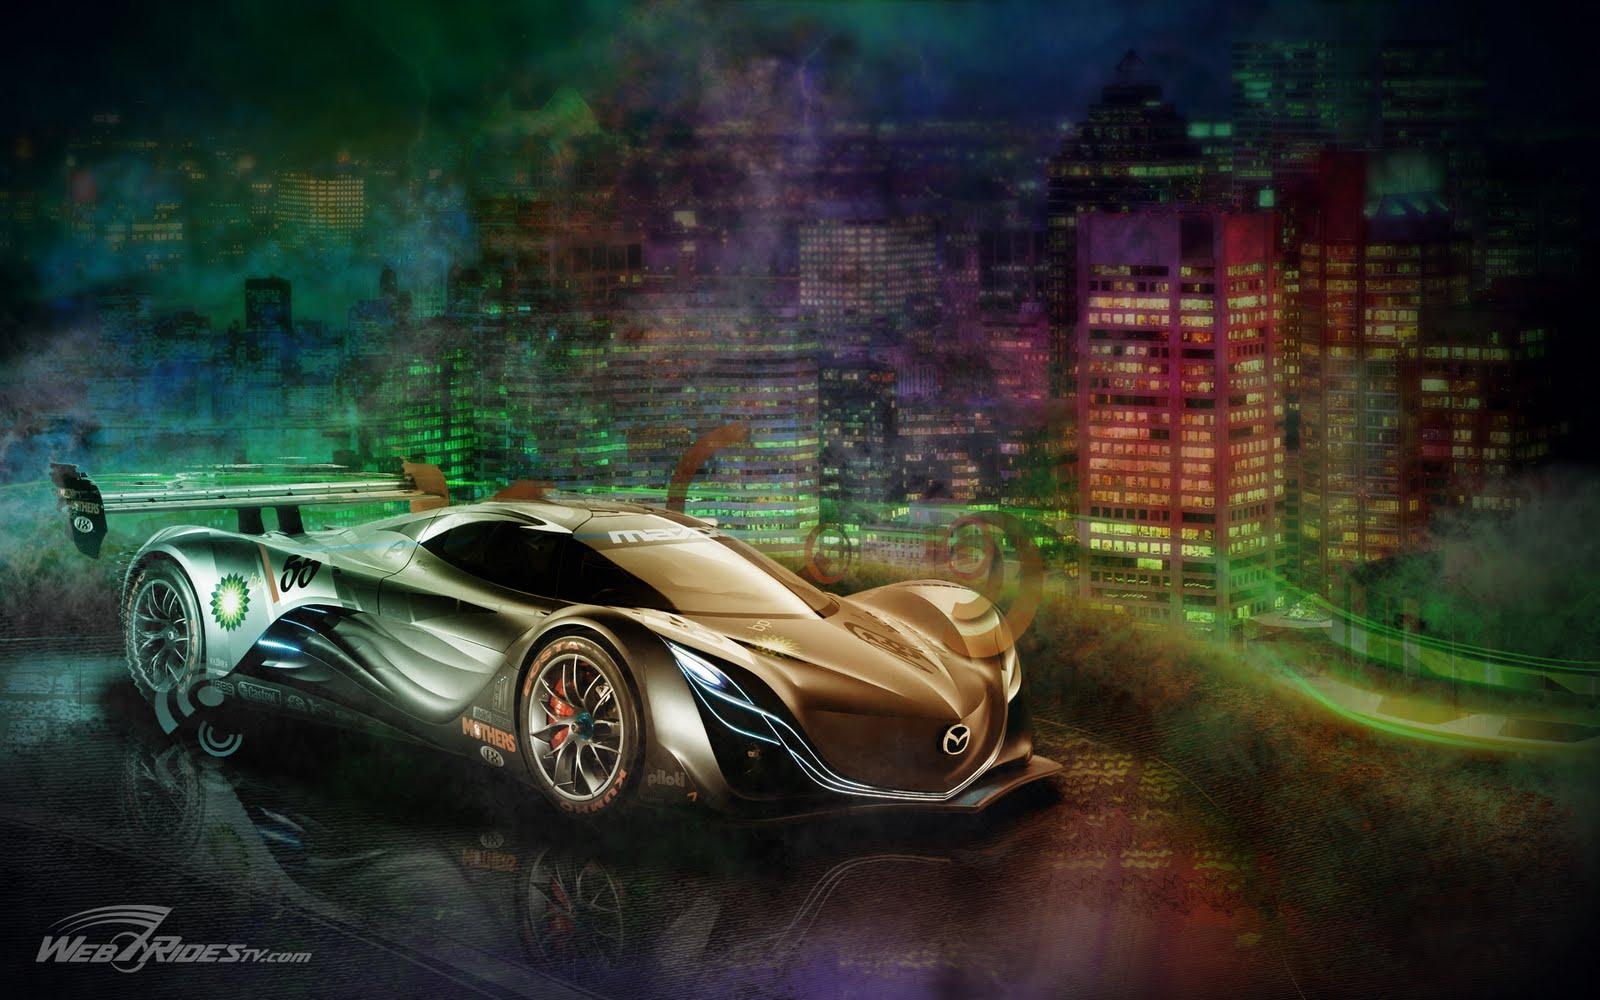 Mazda Furai Concept Car 1920x1200 High Definition Desktop Backgrounds 1600x1000